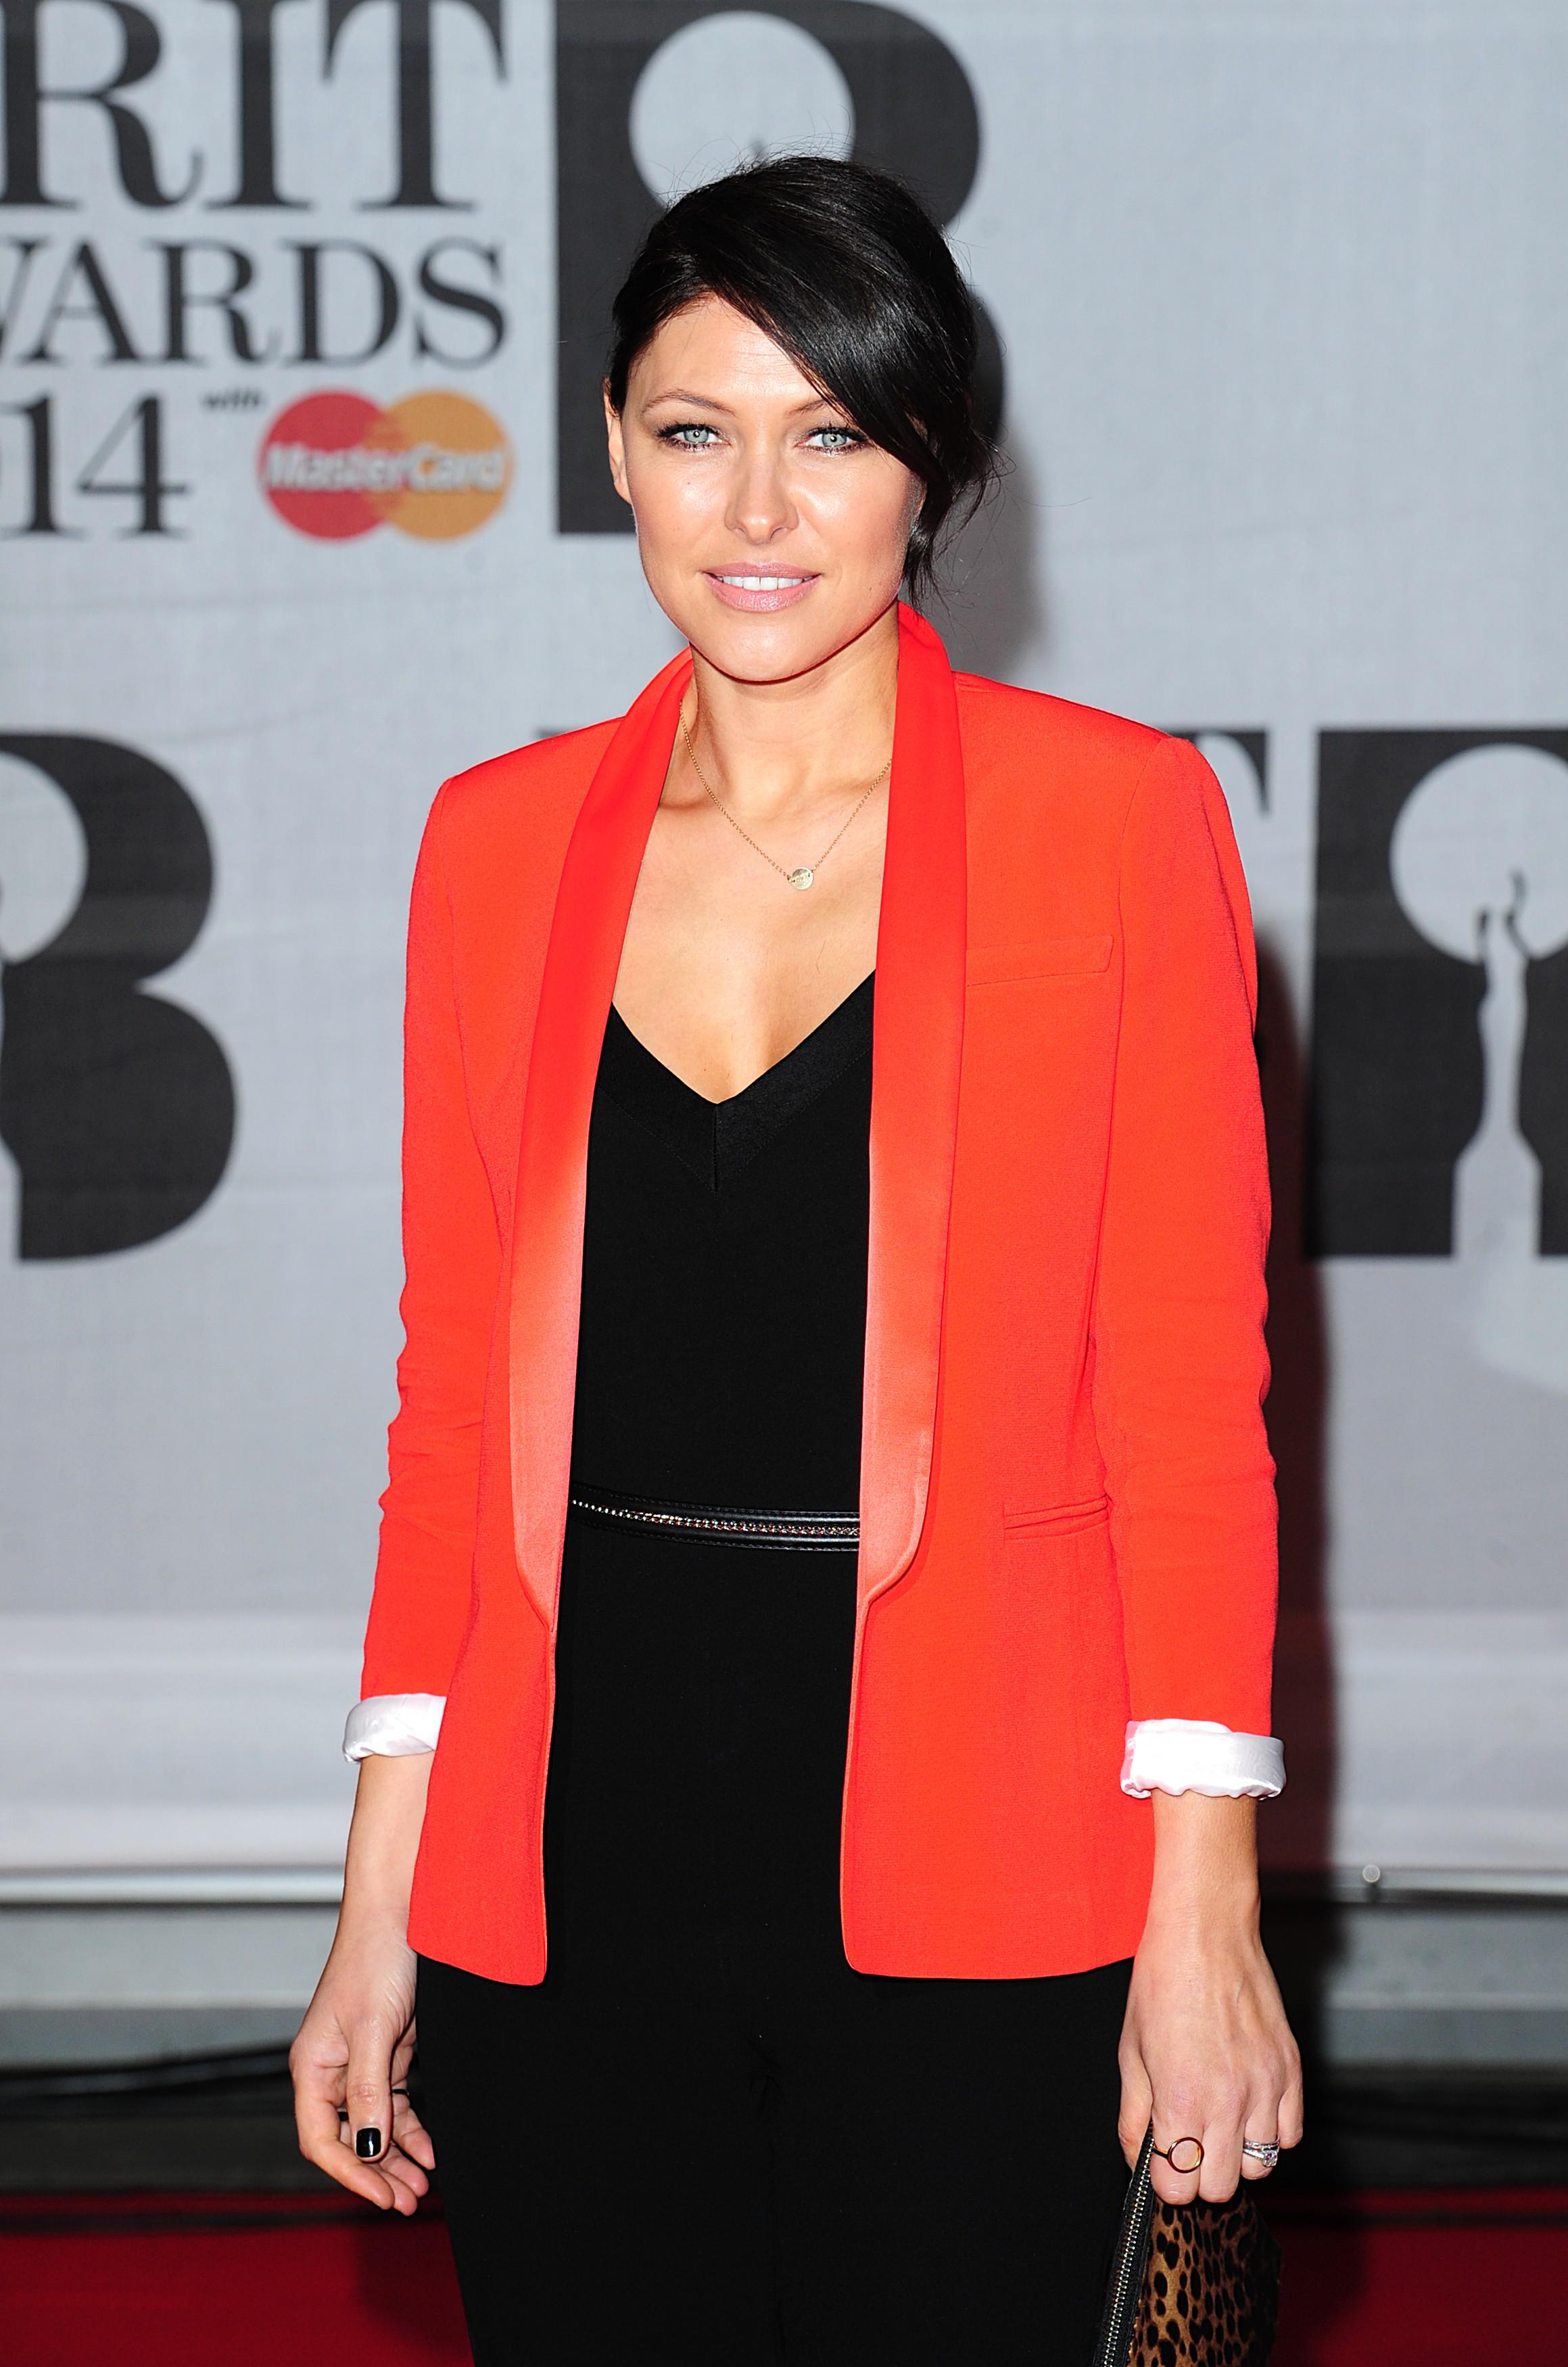 Emma Willis at the Brits Awards 2014